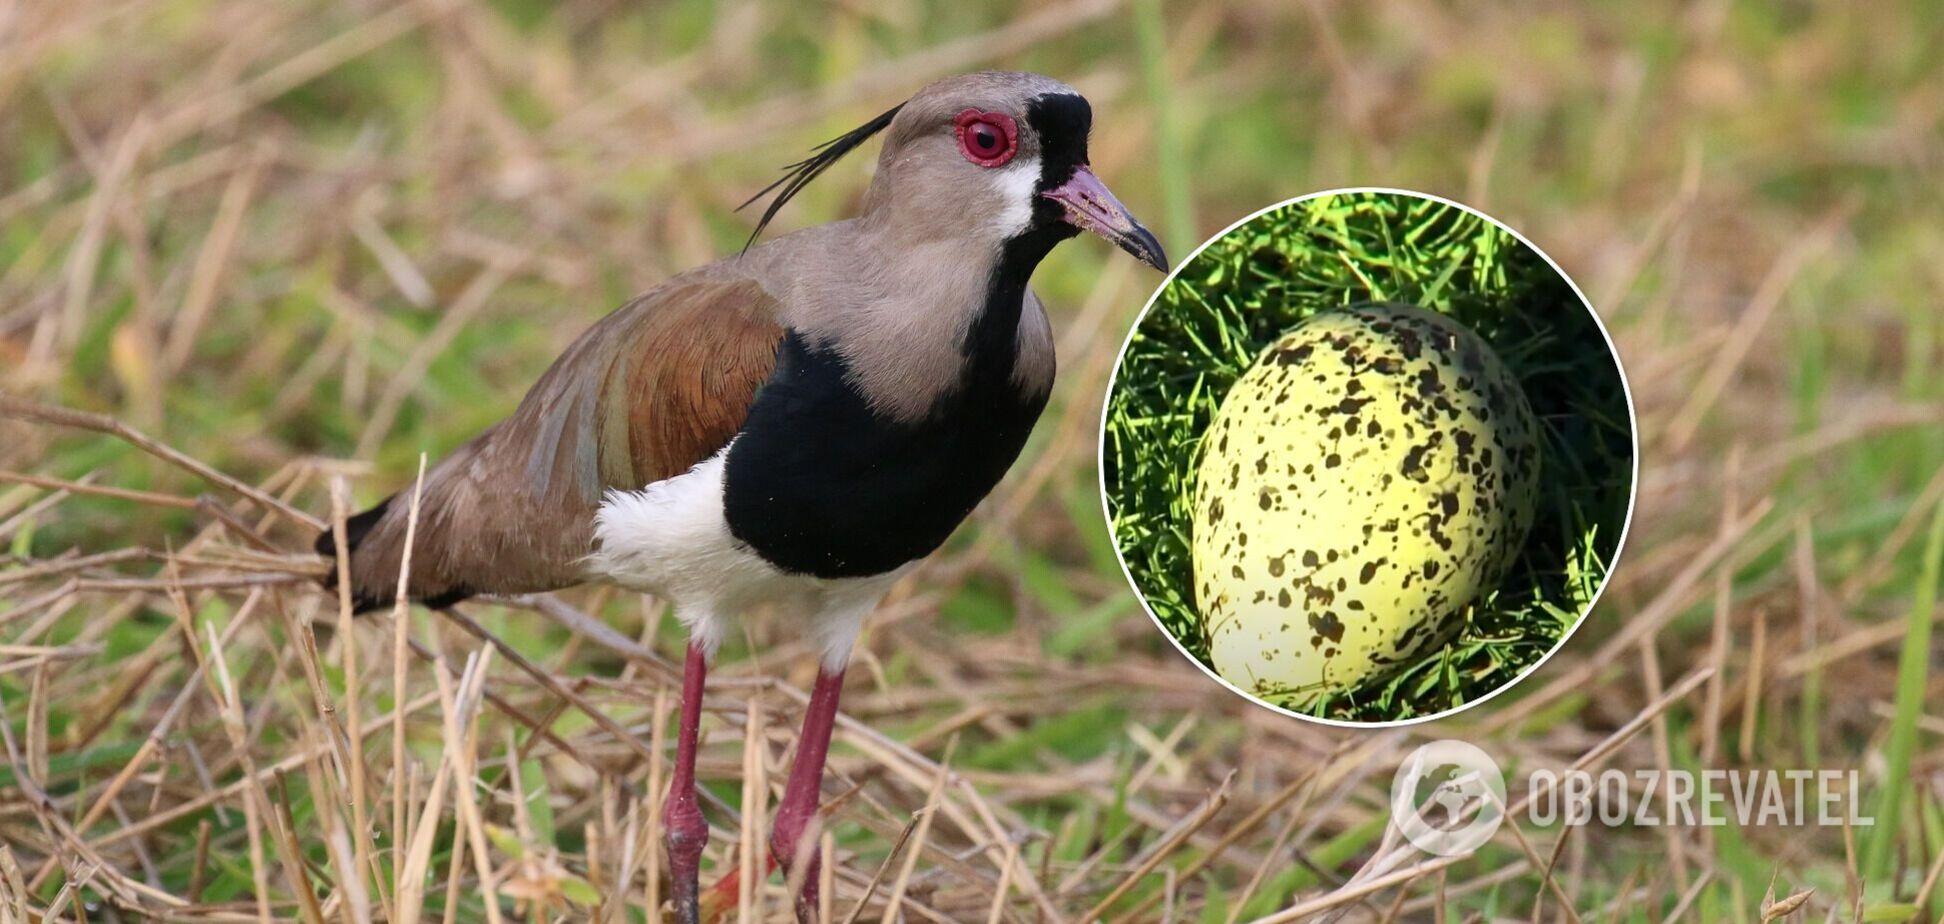 В Бразилии птица снесла яйцо прямо на поле во время футбольного матча. Видео